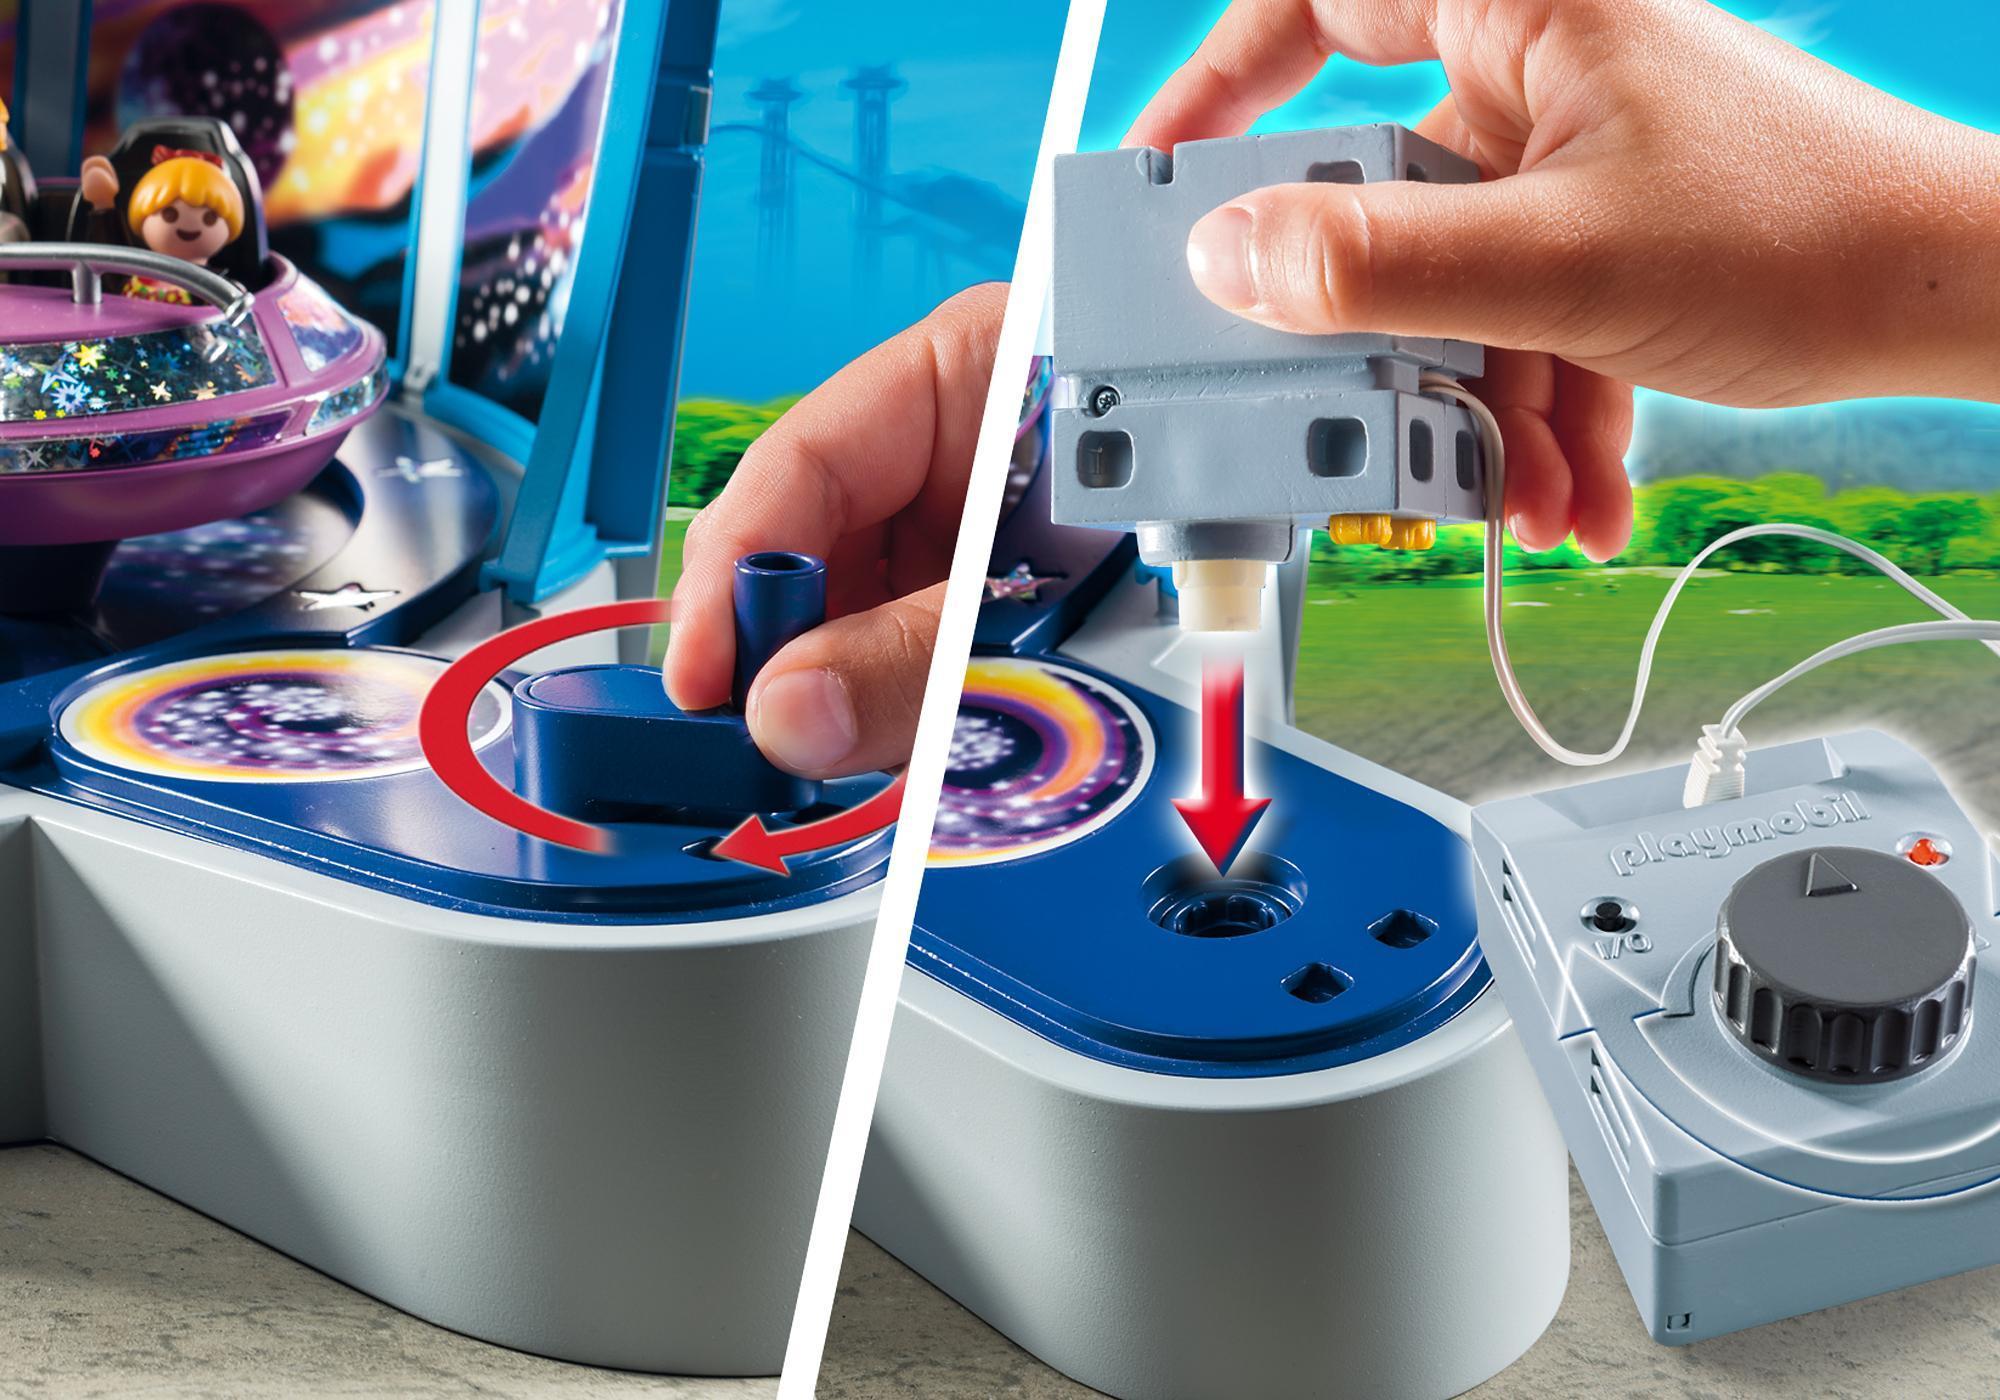 http://media.playmobil.com/i/playmobil/5554_product_extra3/Atração das Naves Giratórias com Luzes